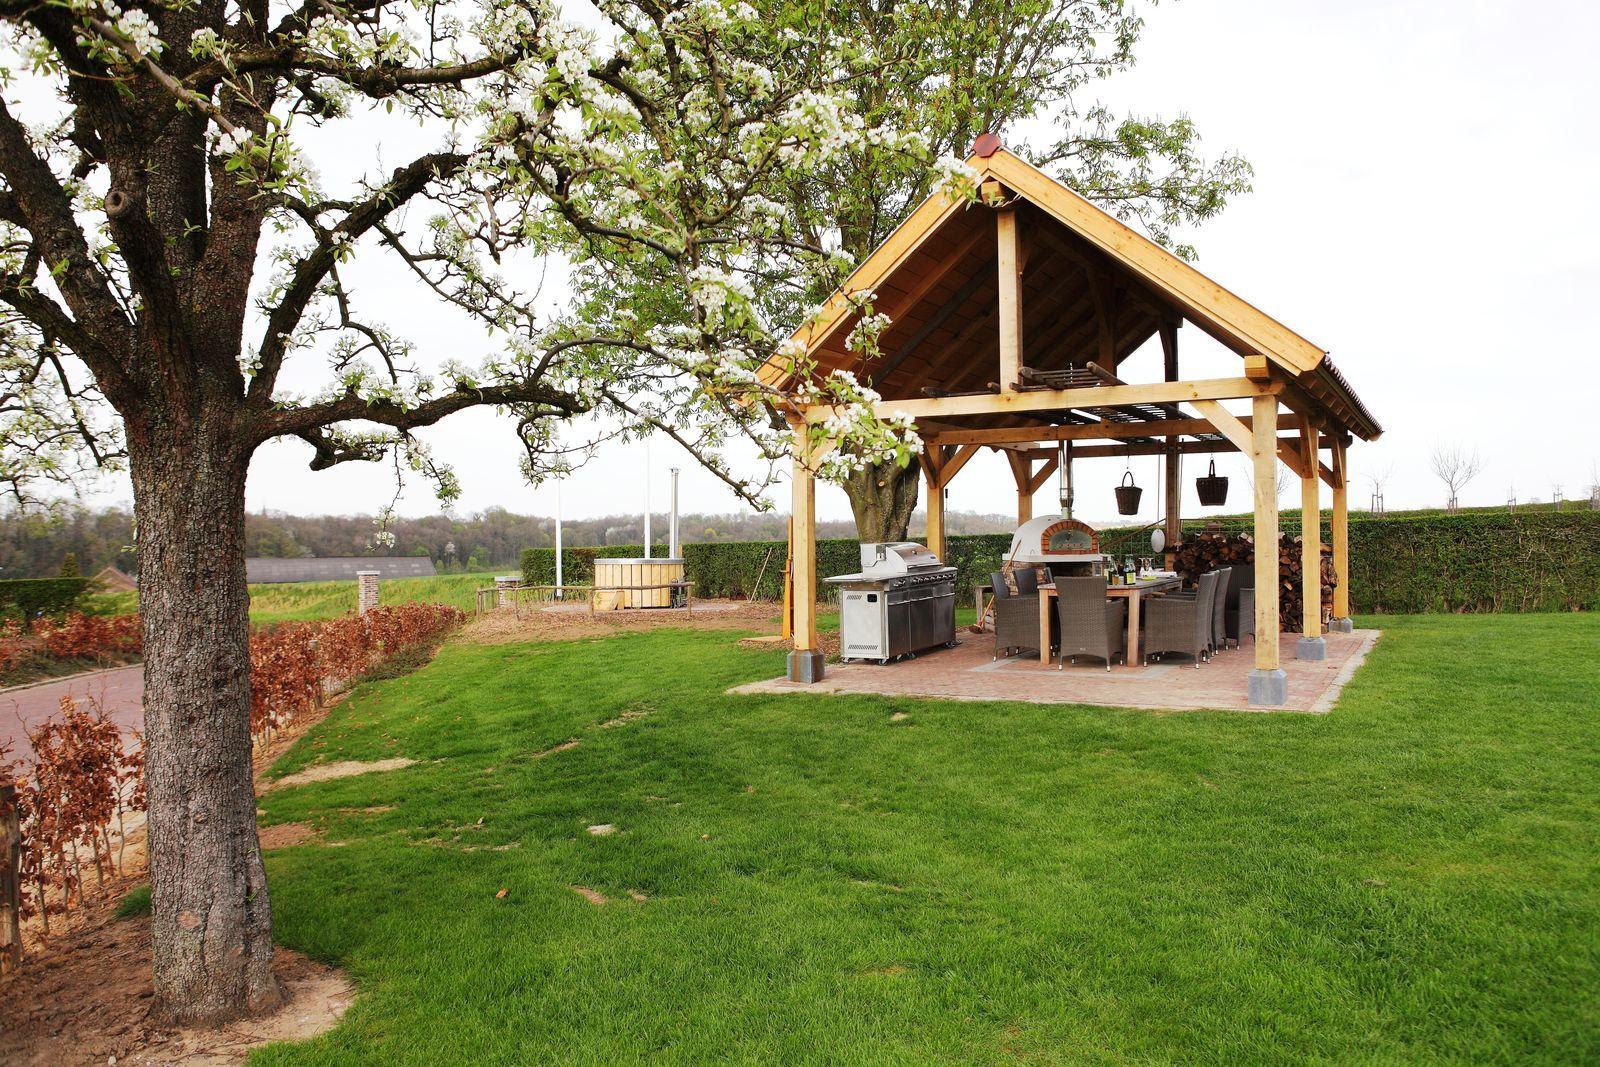 Landgoed St. Geertruid Mirabelle - luxe vakantiehuis met hottub en sauna in Limburg